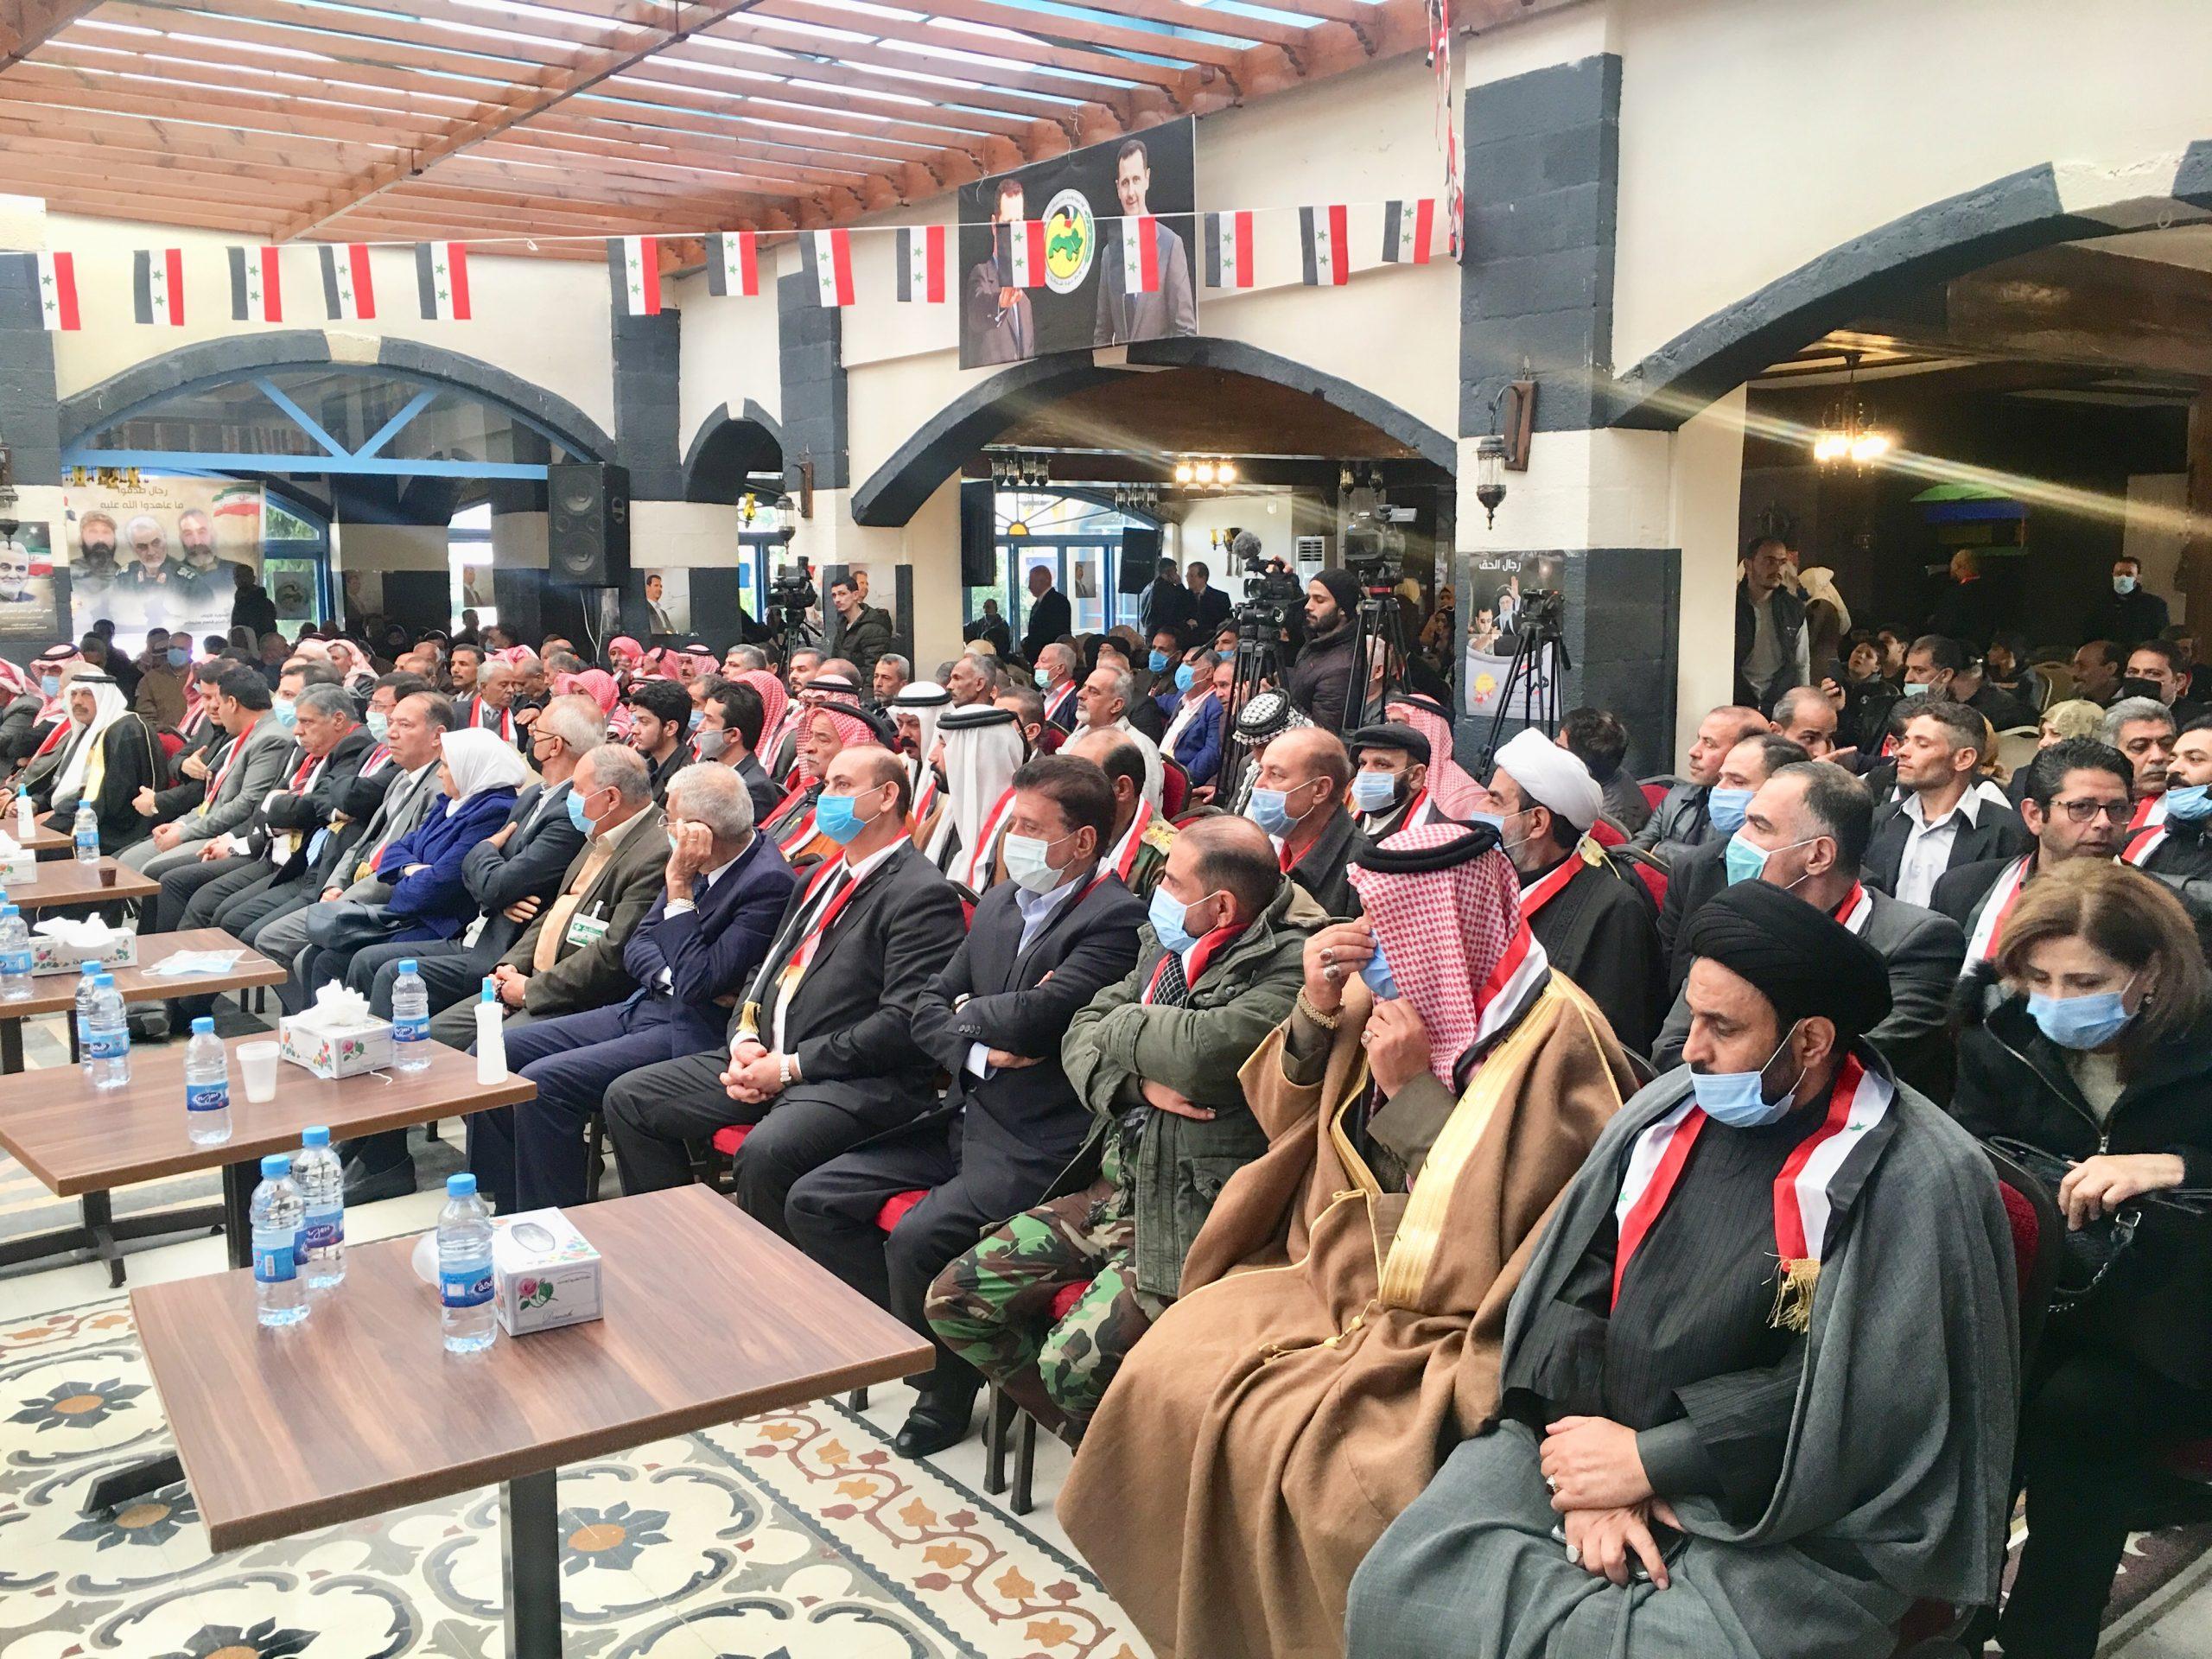 حفل تأبين للشهيدين القائد قاسم سليماني وأبو مهدي المهندس في ريف دمشق